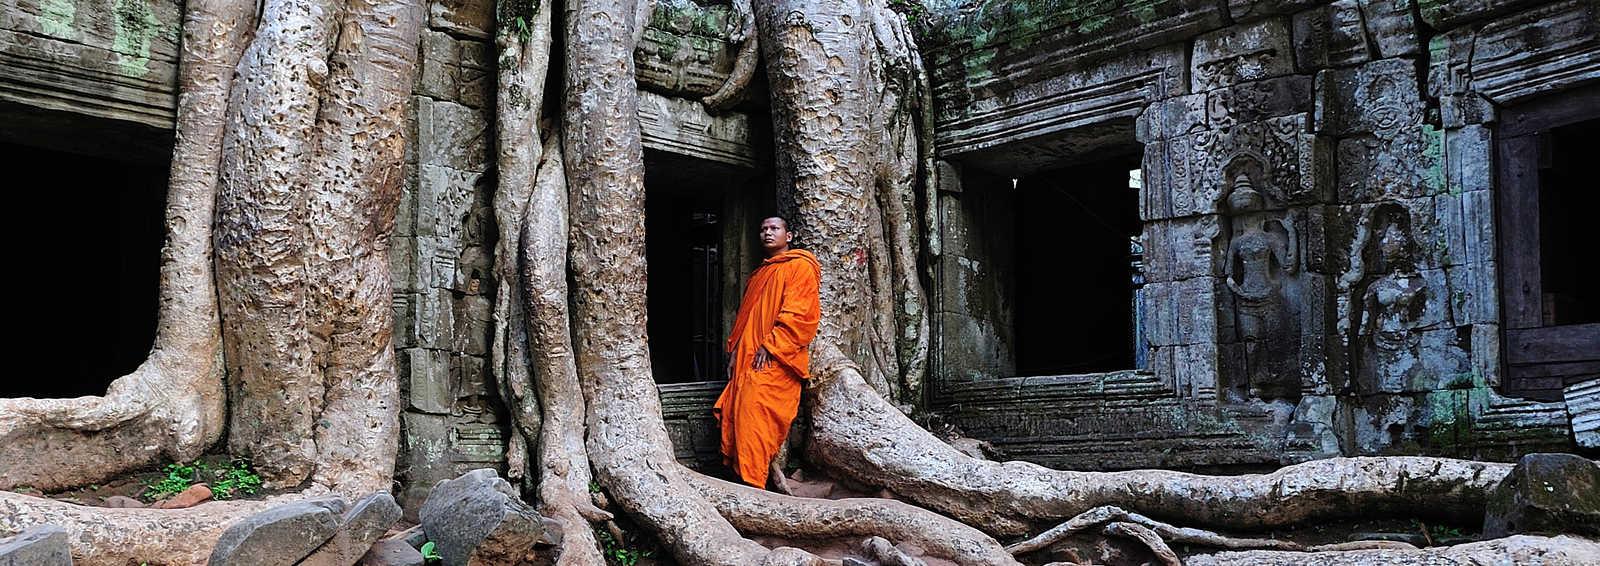 Cambodia in Angkor Ta Prohm Temple